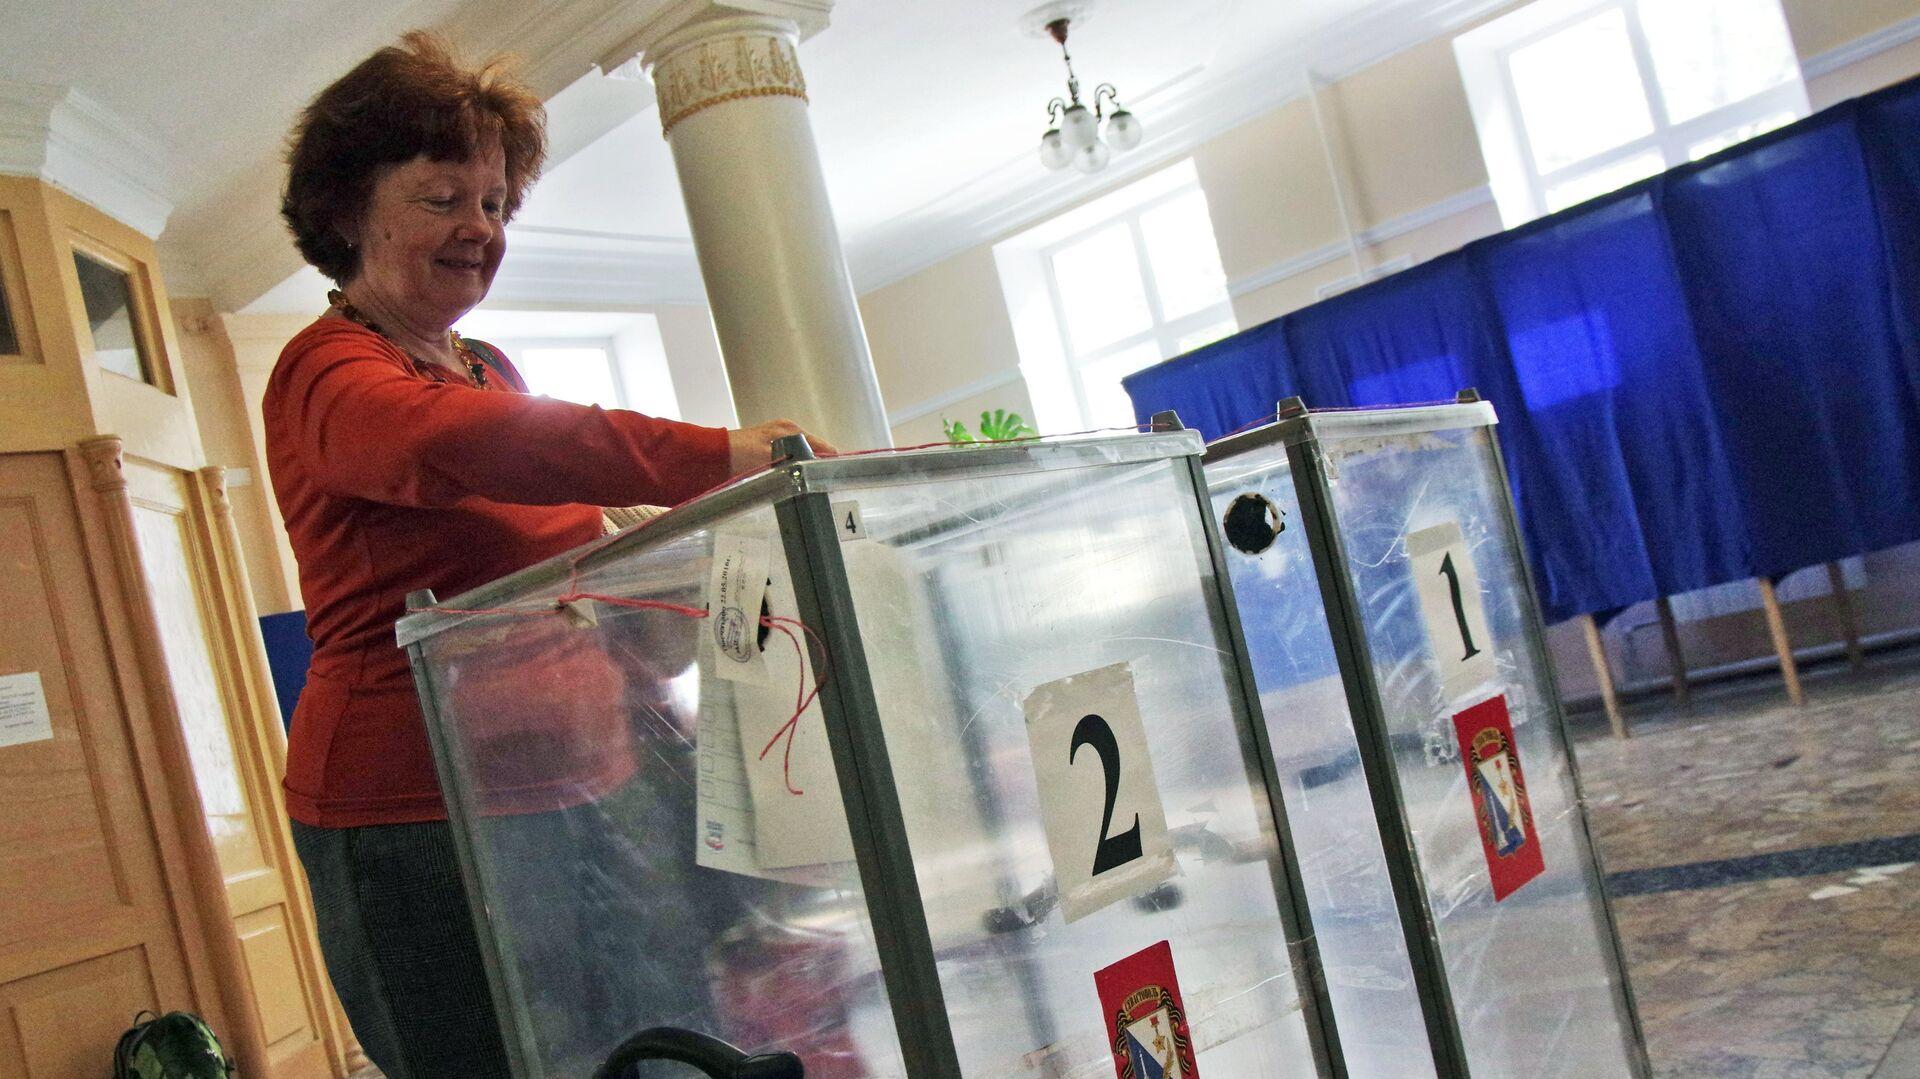 არჩევნები რუსეთში - Sputnik საქართველო, 1920, 19.09.2021